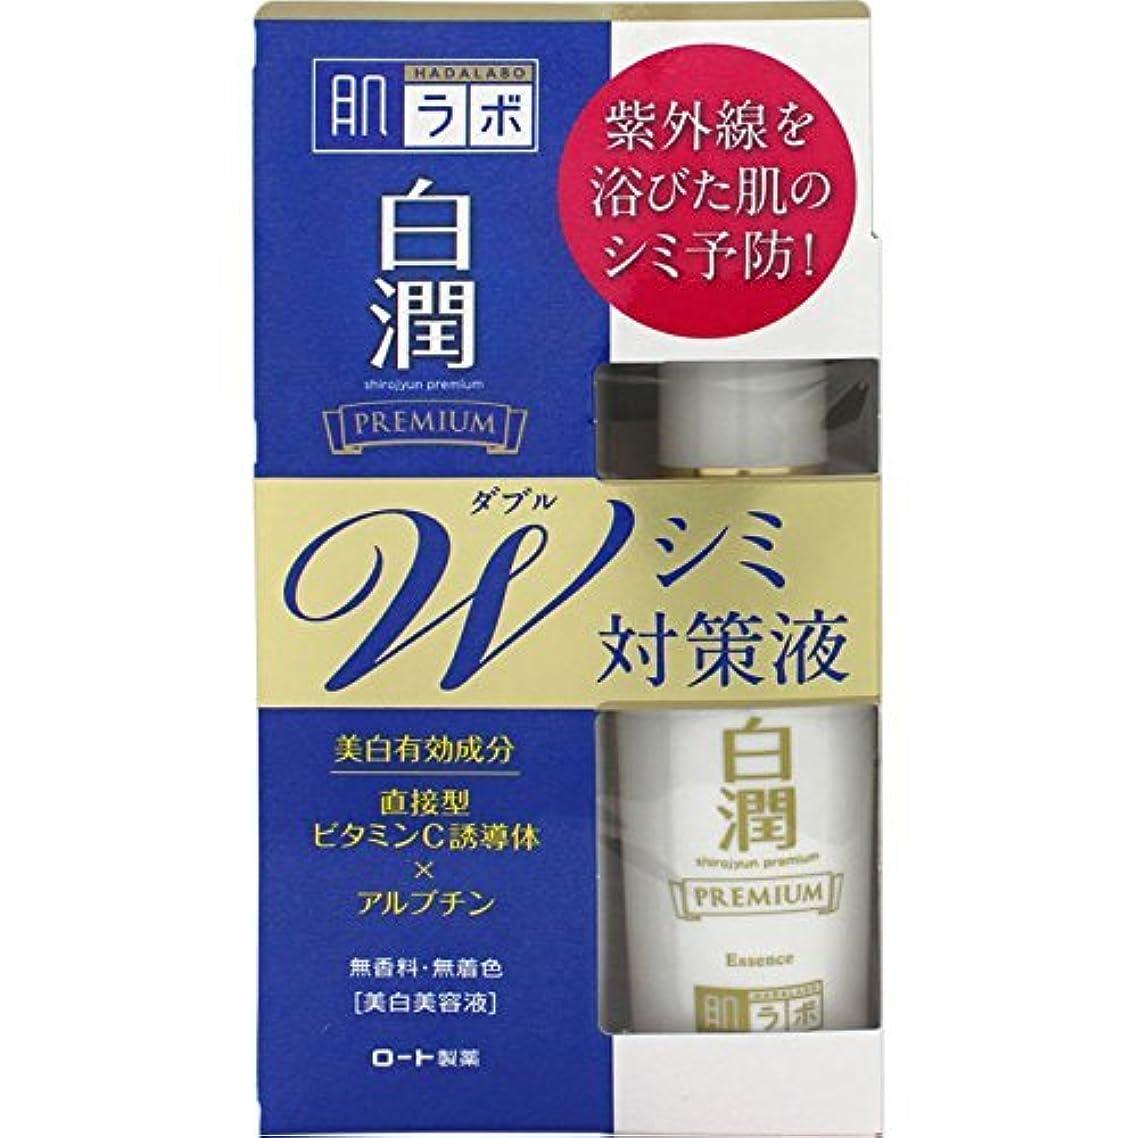 問い合わせ宗教右肌ラボ 白潤 プレミアムW美白美容液 40mL (医薬部外品)×7